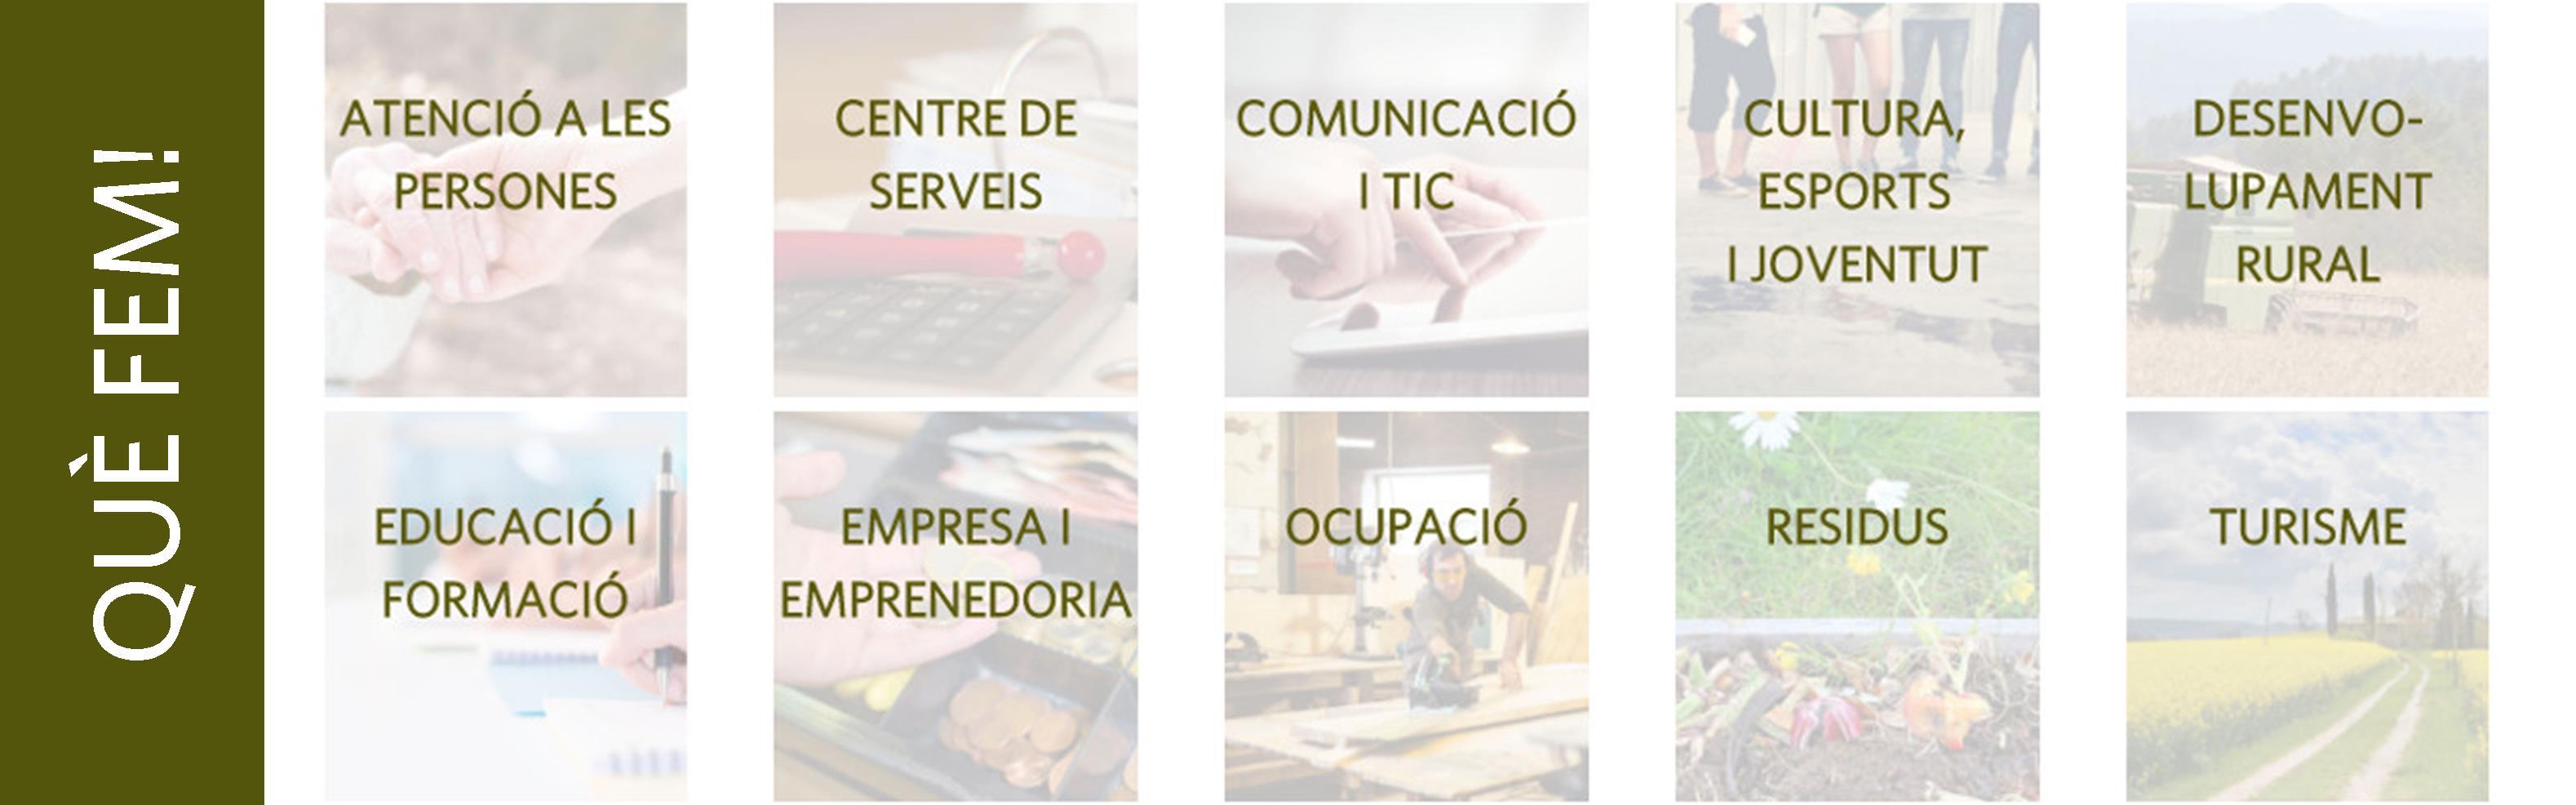 Banner projectes i serveis